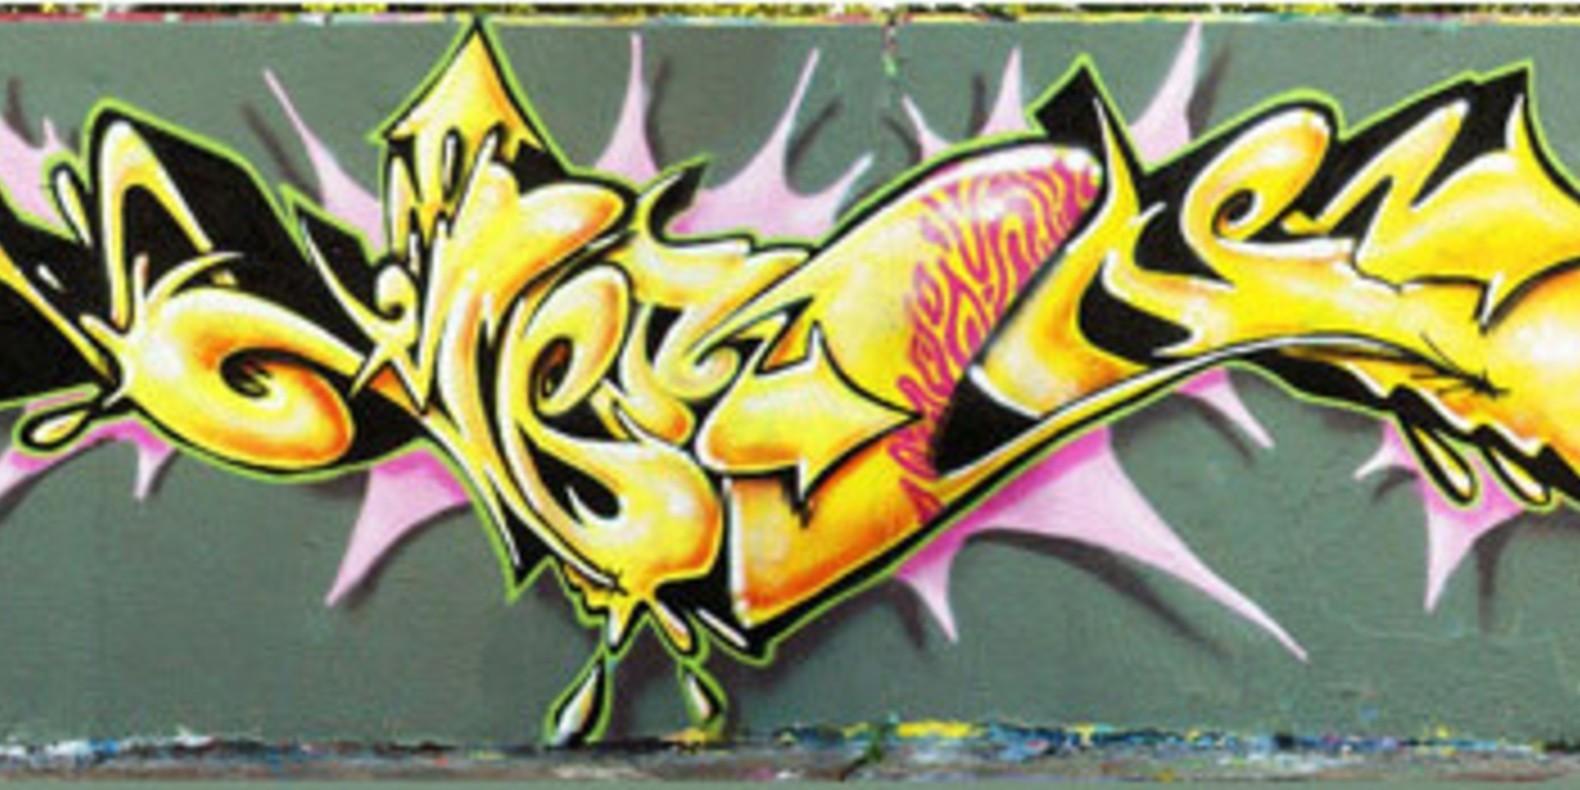 9-SORN-Original-Graffiti graffitis imprimés en 3D Noramlly Ben